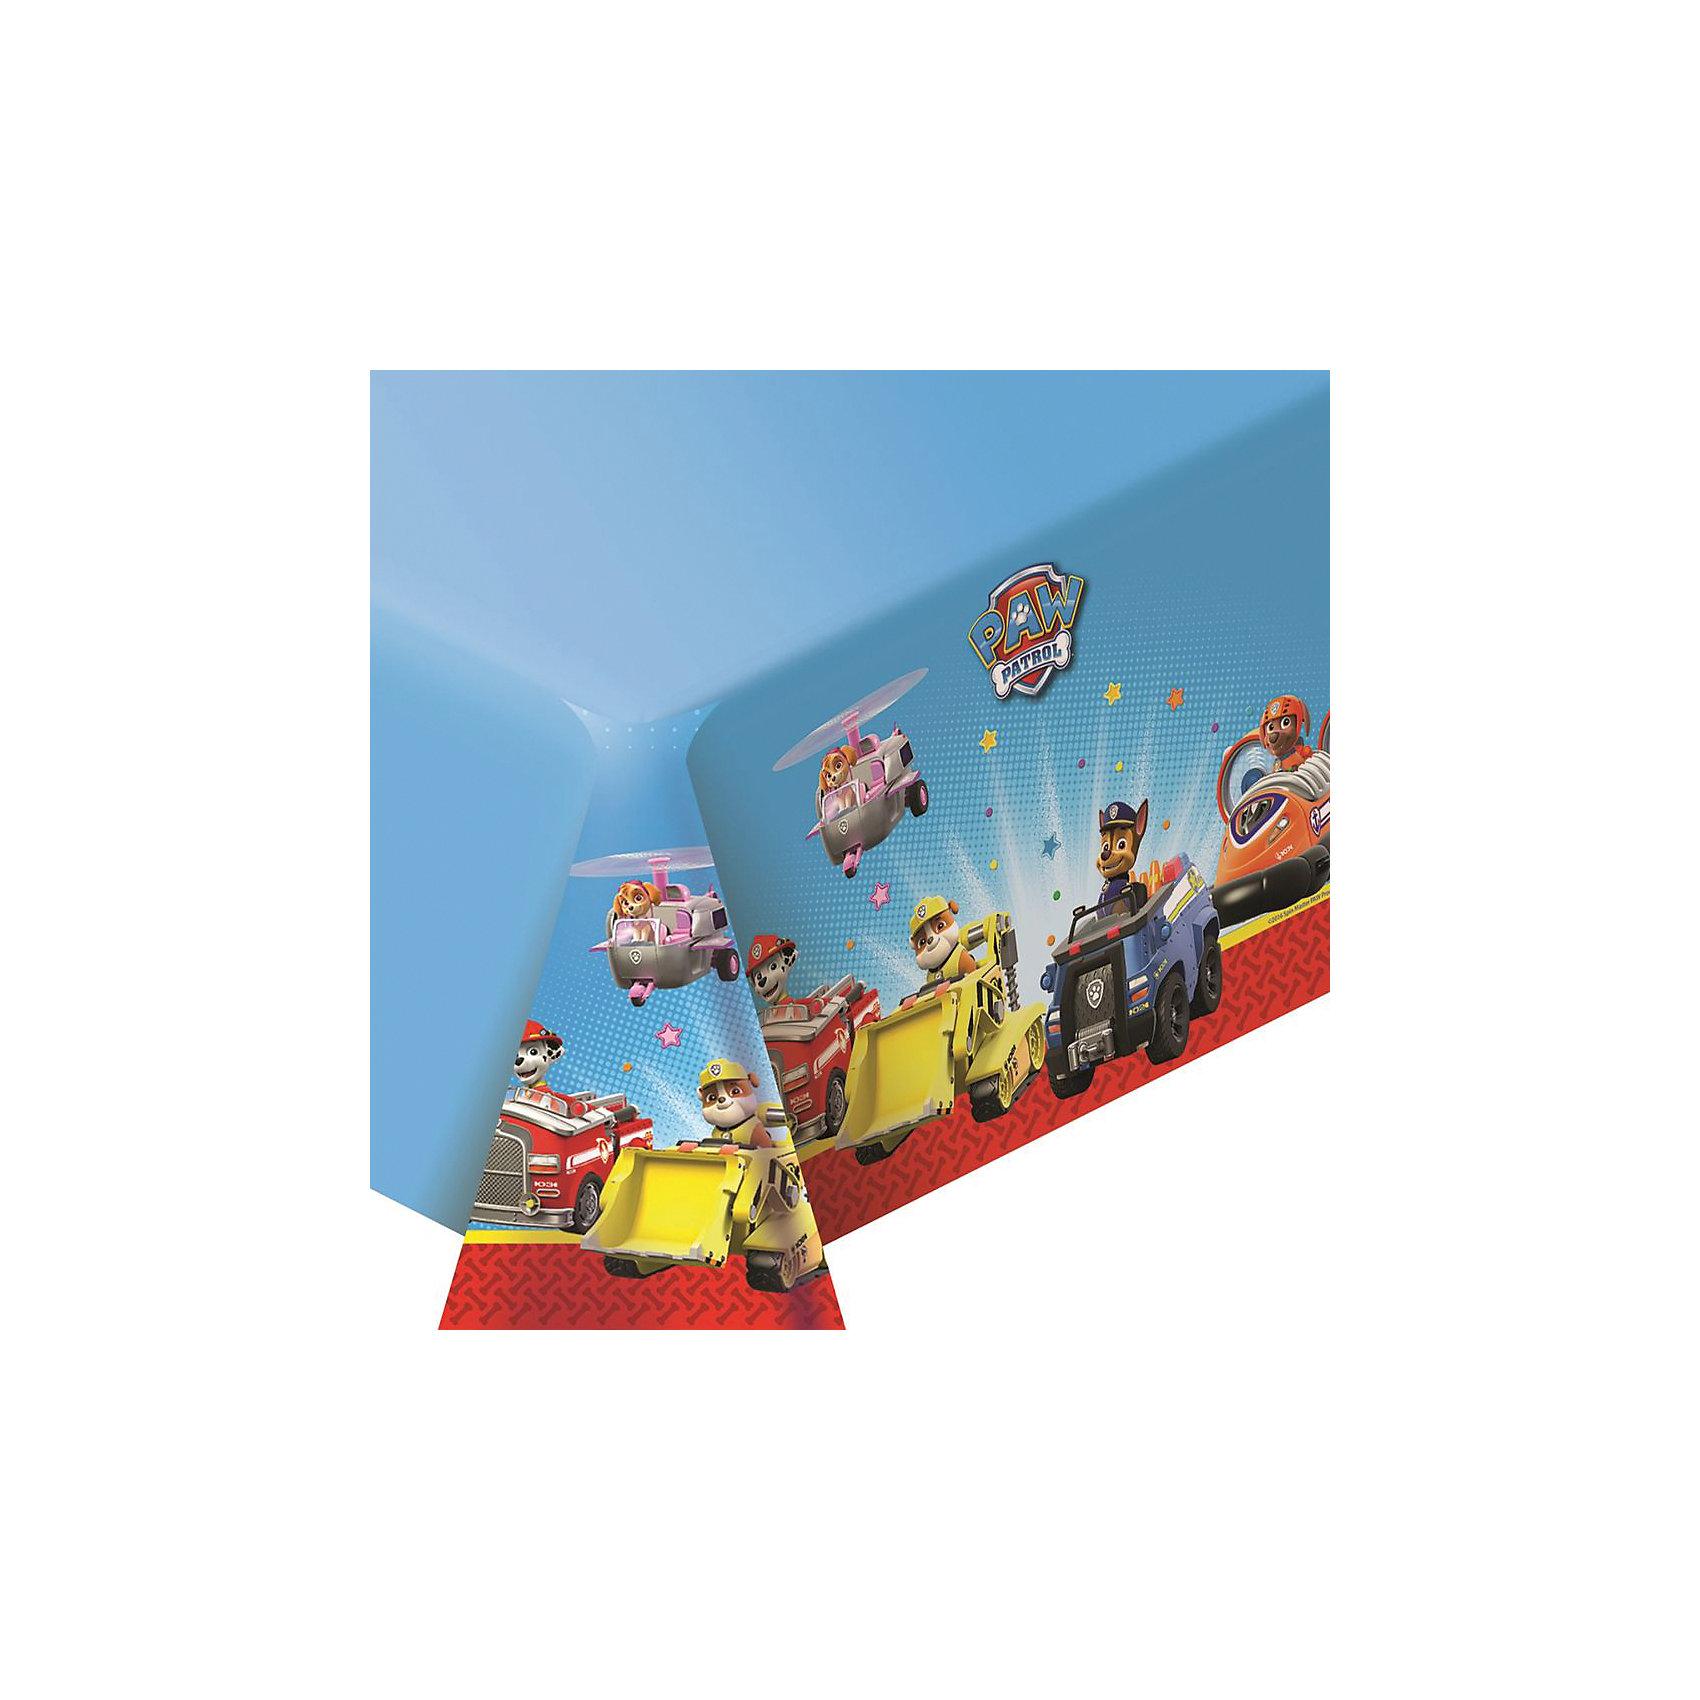 Скатерть 133*183 см., Щенячий патрульКрасивая и практичная полиэтиленовая скатерть Щенячий патруль (133х183 см) стильно украсит праздничный стол и сохранит его в чистоте. Желаете оформить детский праздник в единой стилистике? Тогда вы можете выбрать другие товары из серии Щенячий патруль: стаканы, тарелки, салфетки, язычки, колпаки, маски, приглашение в конверте, свечи, маски, пакеты и др. Товар сертифицирован.<br><br>Ширина мм: 364<br>Глубина мм: 178<br>Высота мм: 30<br>Вес г: 110<br>Возраст от месяцев: 36<br>Возраст до месяцев: 2147483647<br>Пол: Унисекс<br>Возраст: Детский<br>SKU: 5453481